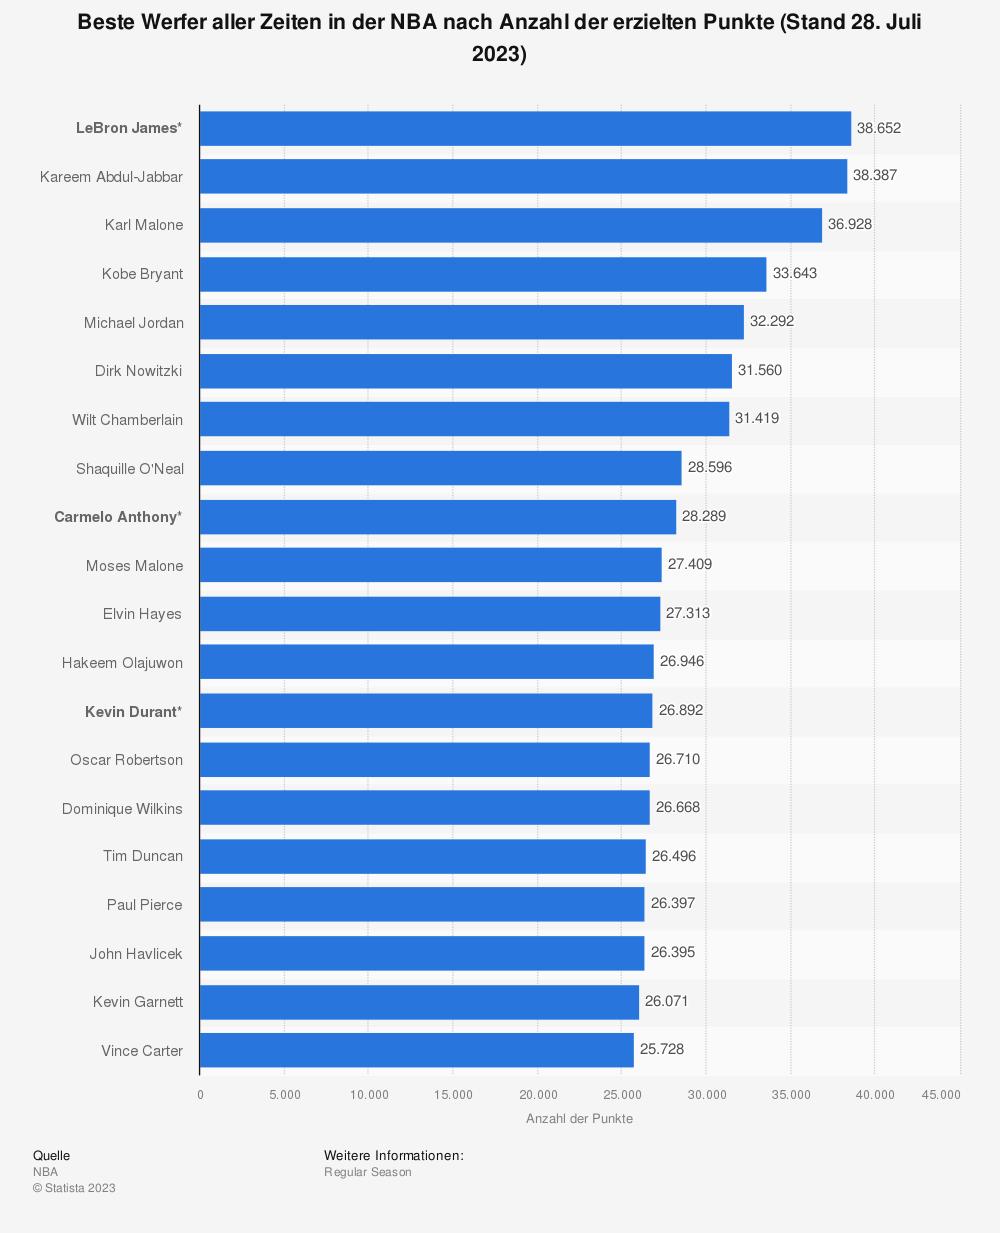 Statistik: Beste Werfer aller Zeiten in der NBA nach Anzahl der erzielten Punkte (Stand Juni 2021) | Statista